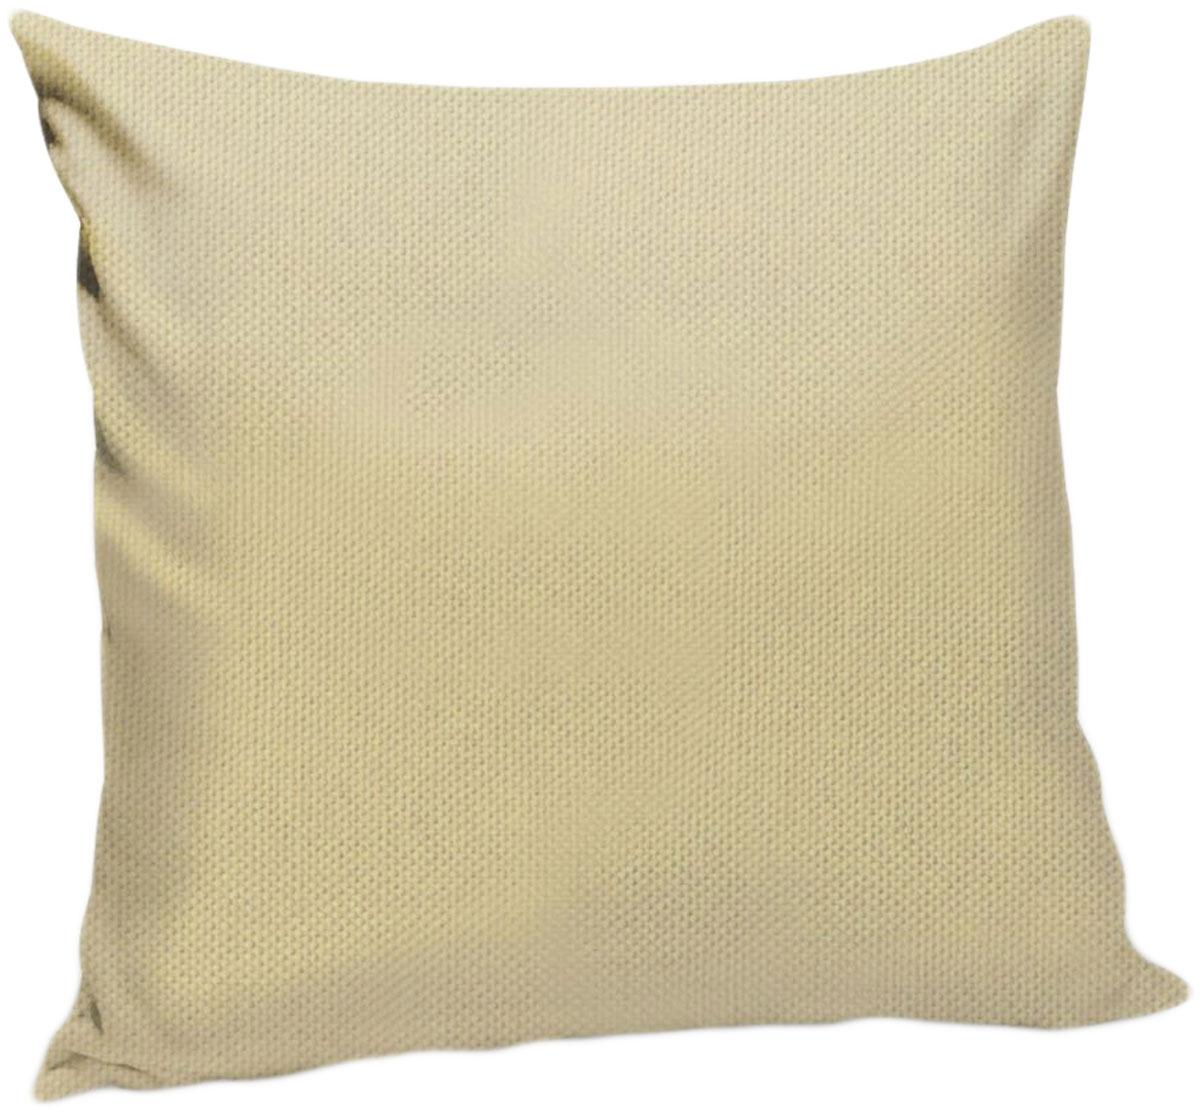 Подушка декоративная KauffOrt Комо, цвет: бежевый, 40 x 40 см3121540120Декоративная подушка Комо прекрасно дополнит интерьер спальни или гостиной. Чехолподушки выполнен из лонеты. Внутри находится мягкий наполнитель. Чехол легко снимаетсяблагодаря потайной молнии.